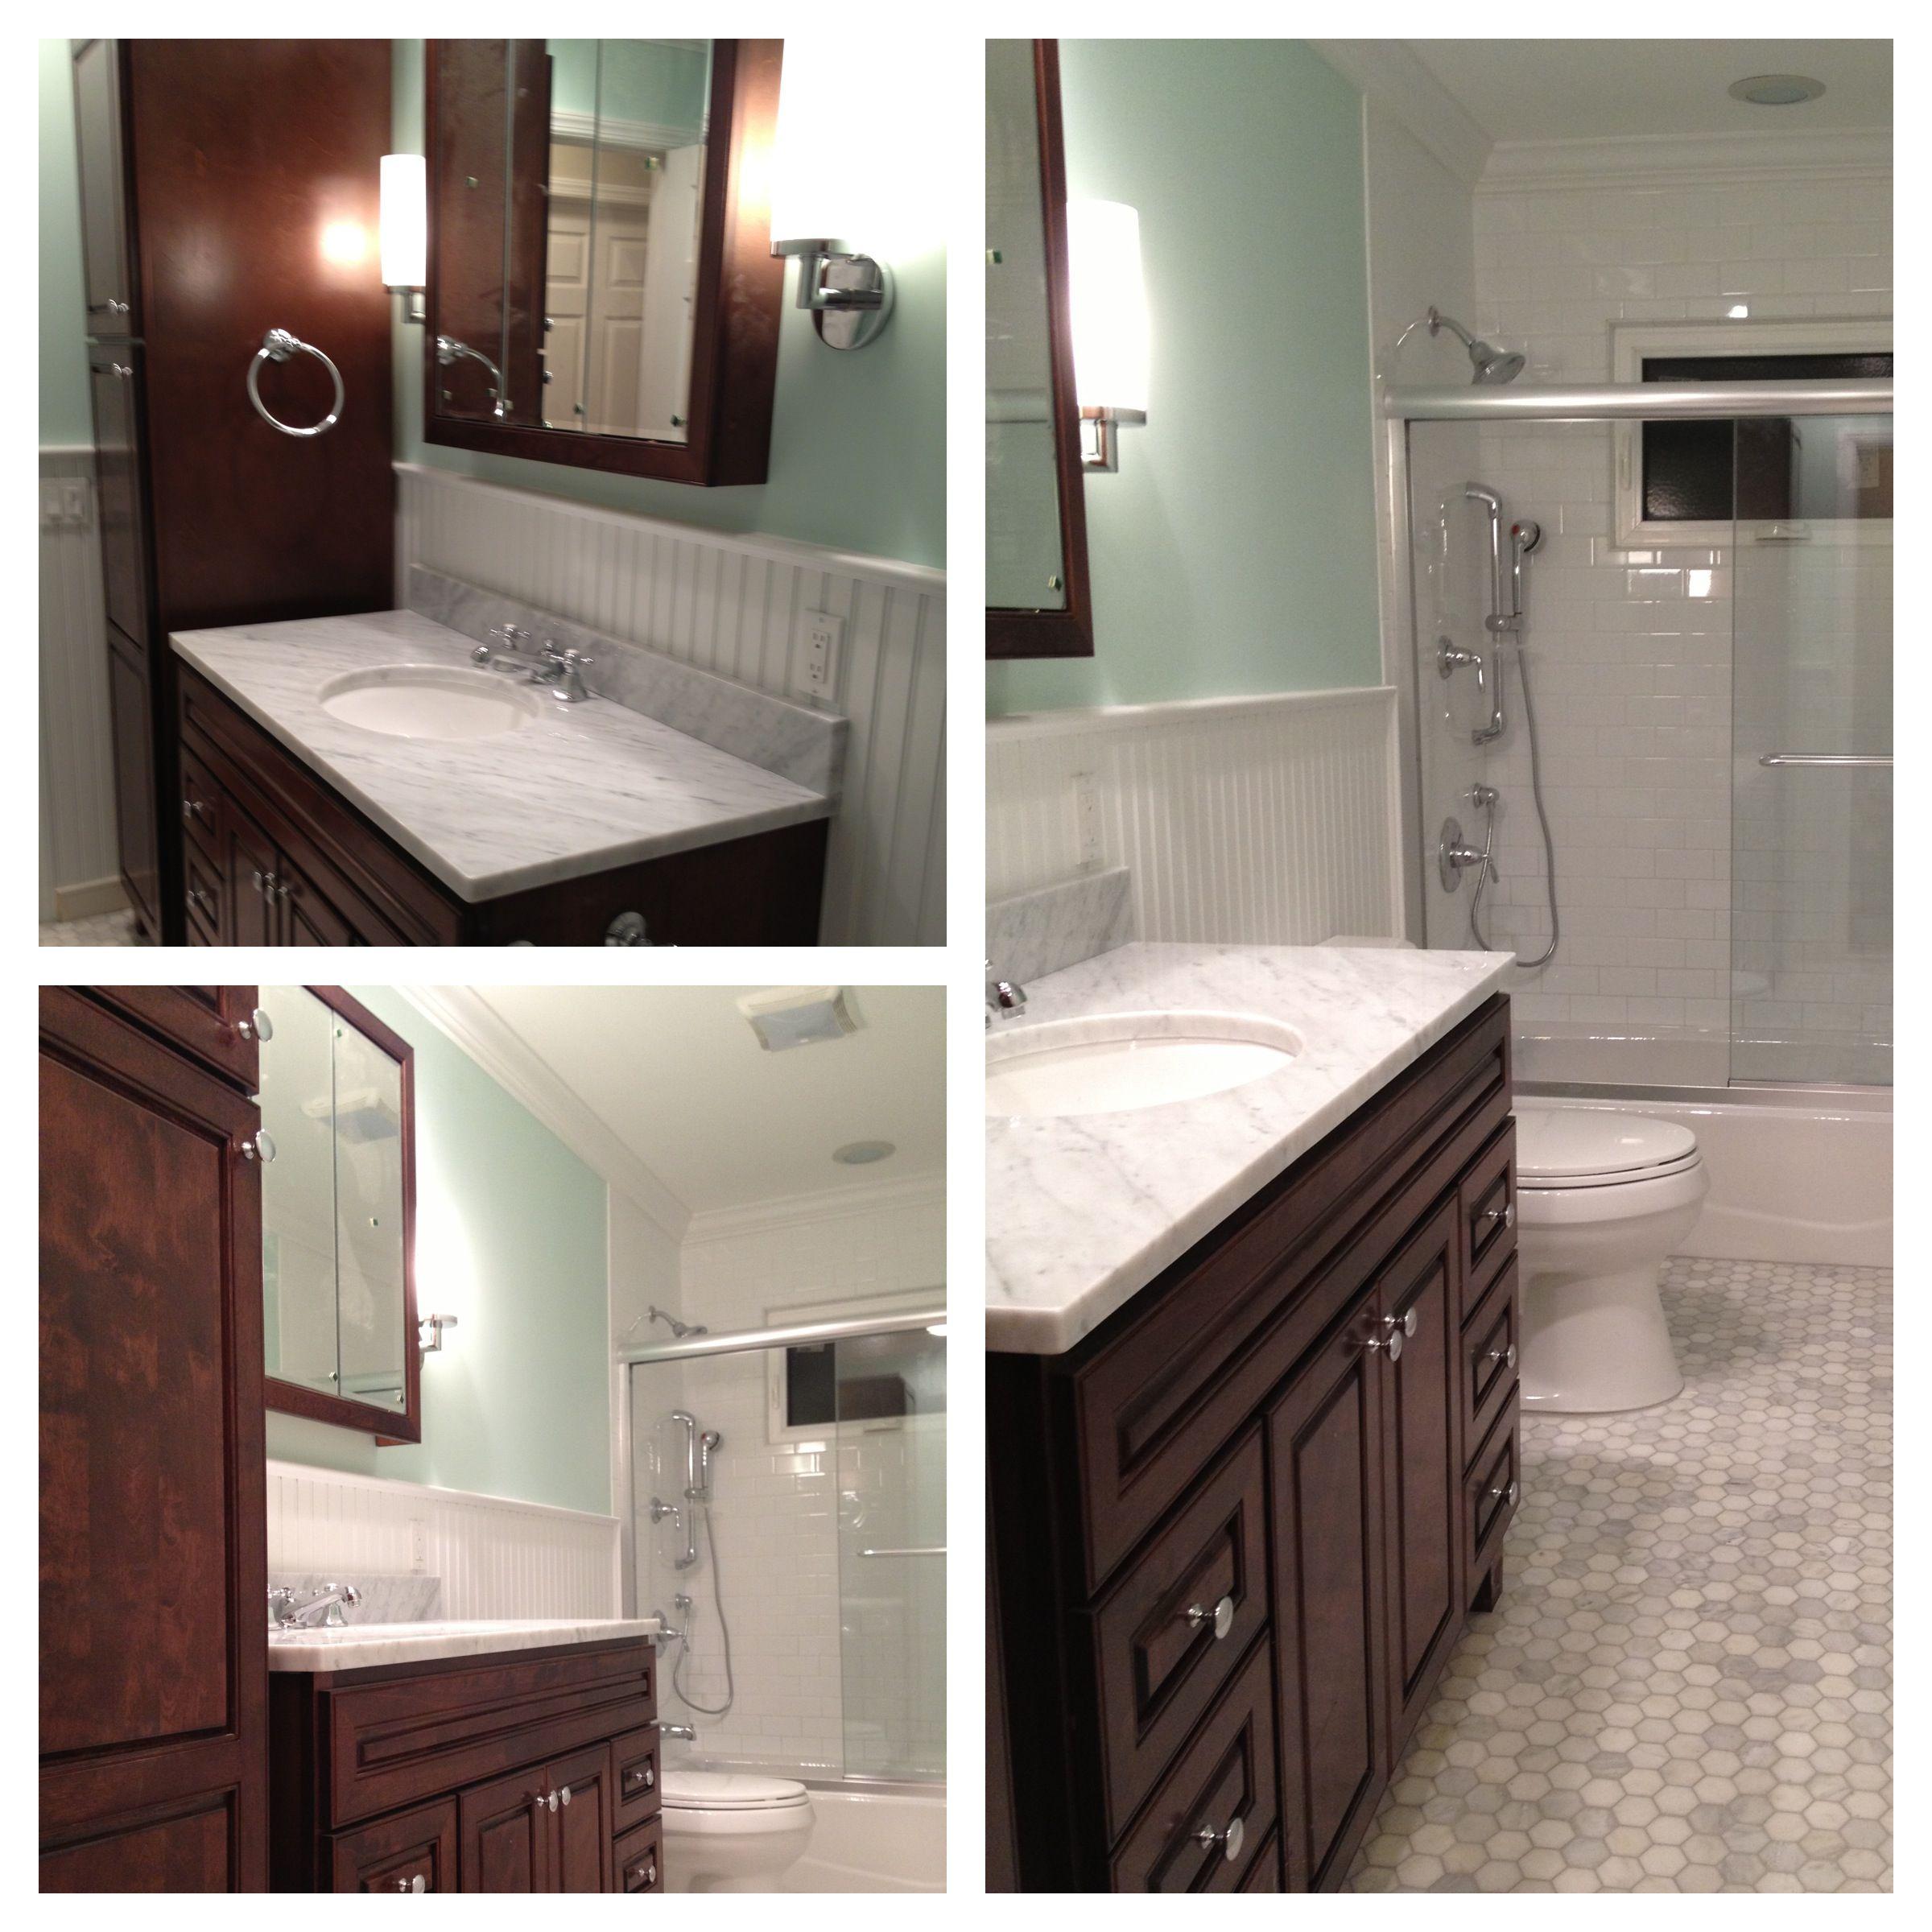 Bathroom remodel complete love bathroom remodel for Complete bathroom remodel